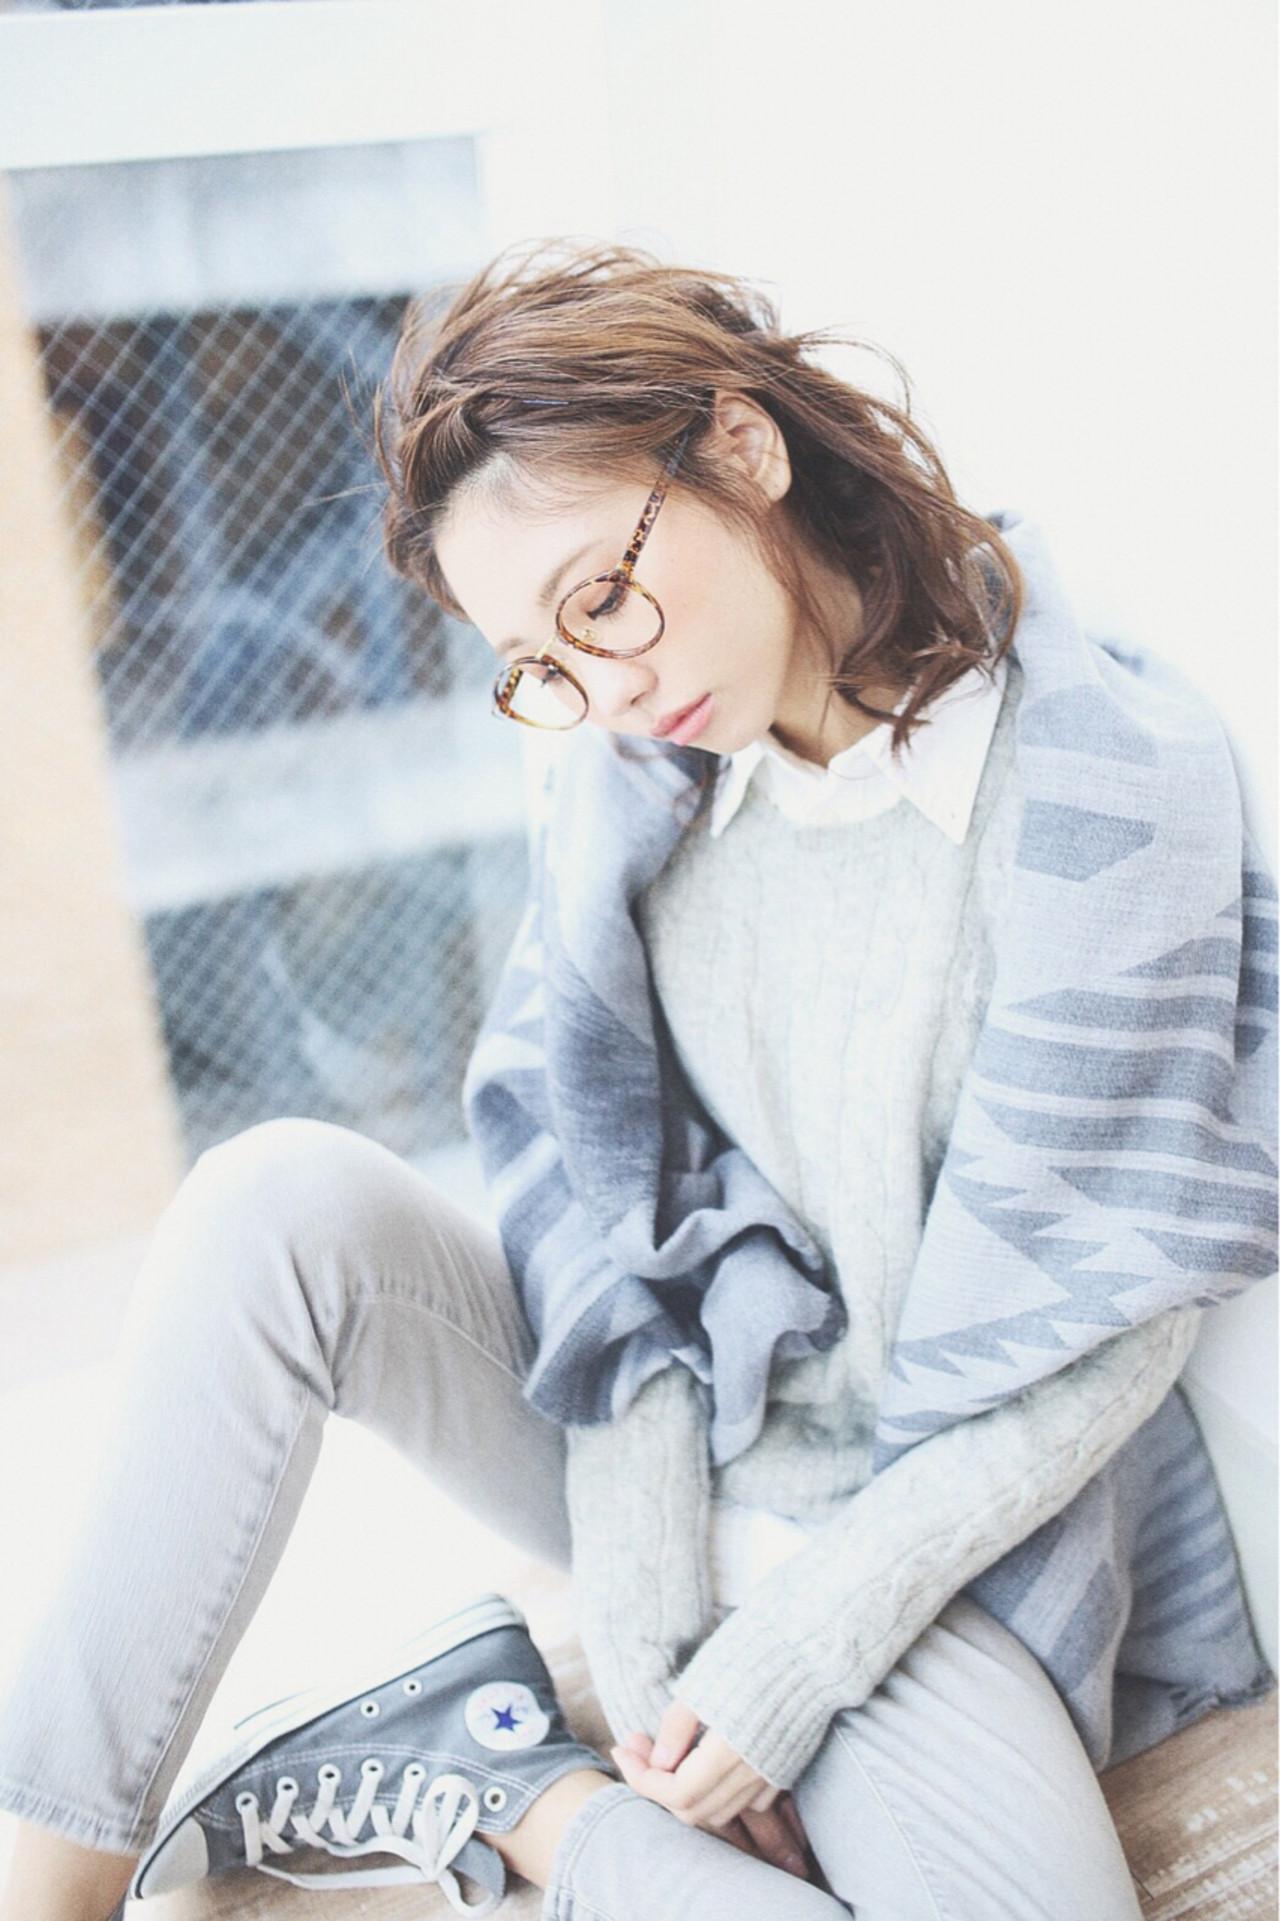 男女で相違!?男性が推したい女性のモテ髪スタイル10選  加藤 優希